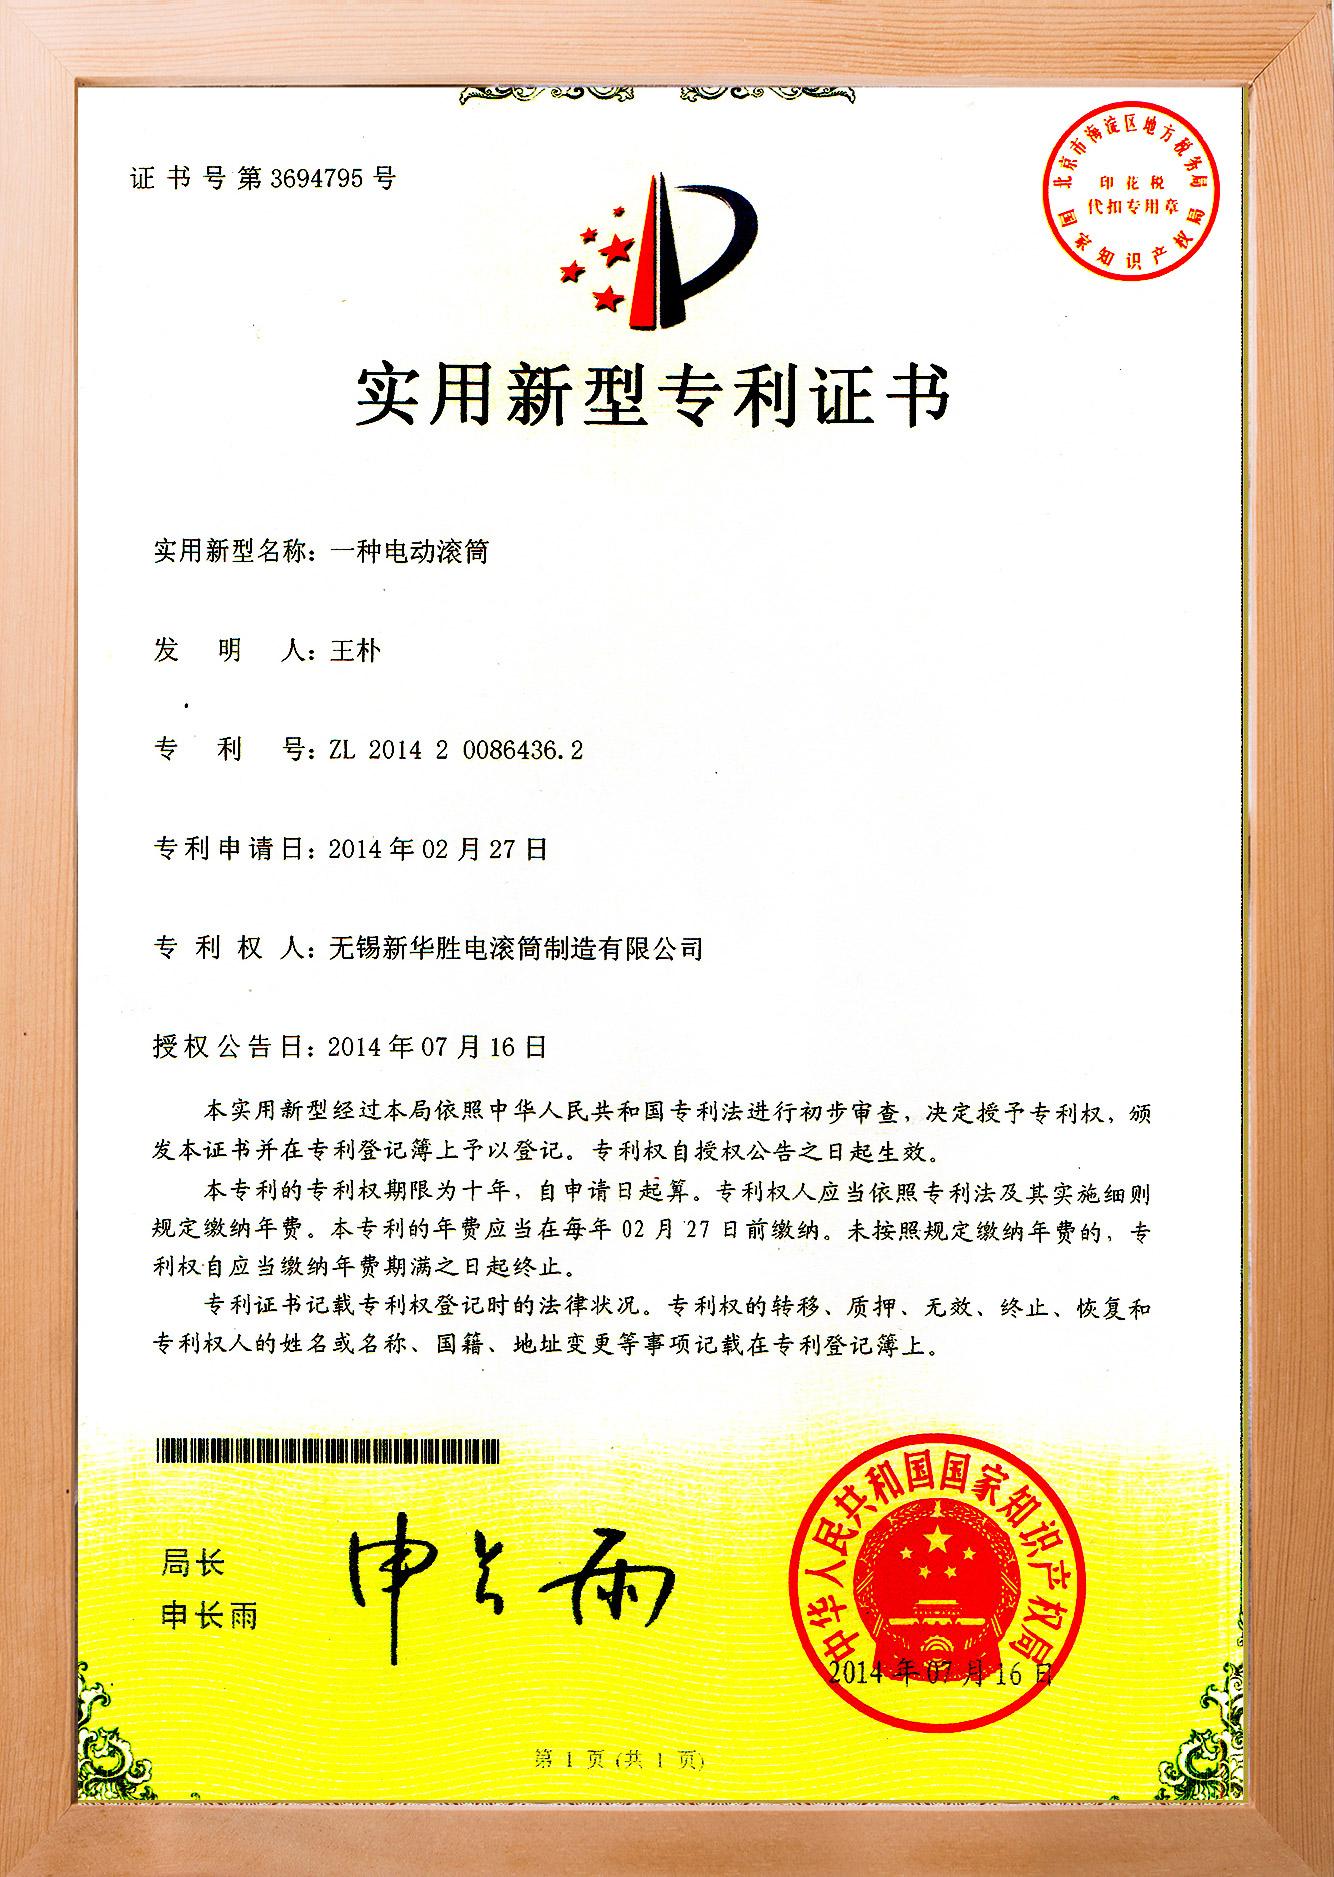 電動滾筒磚利證書ZL 2014 2 0086436.2